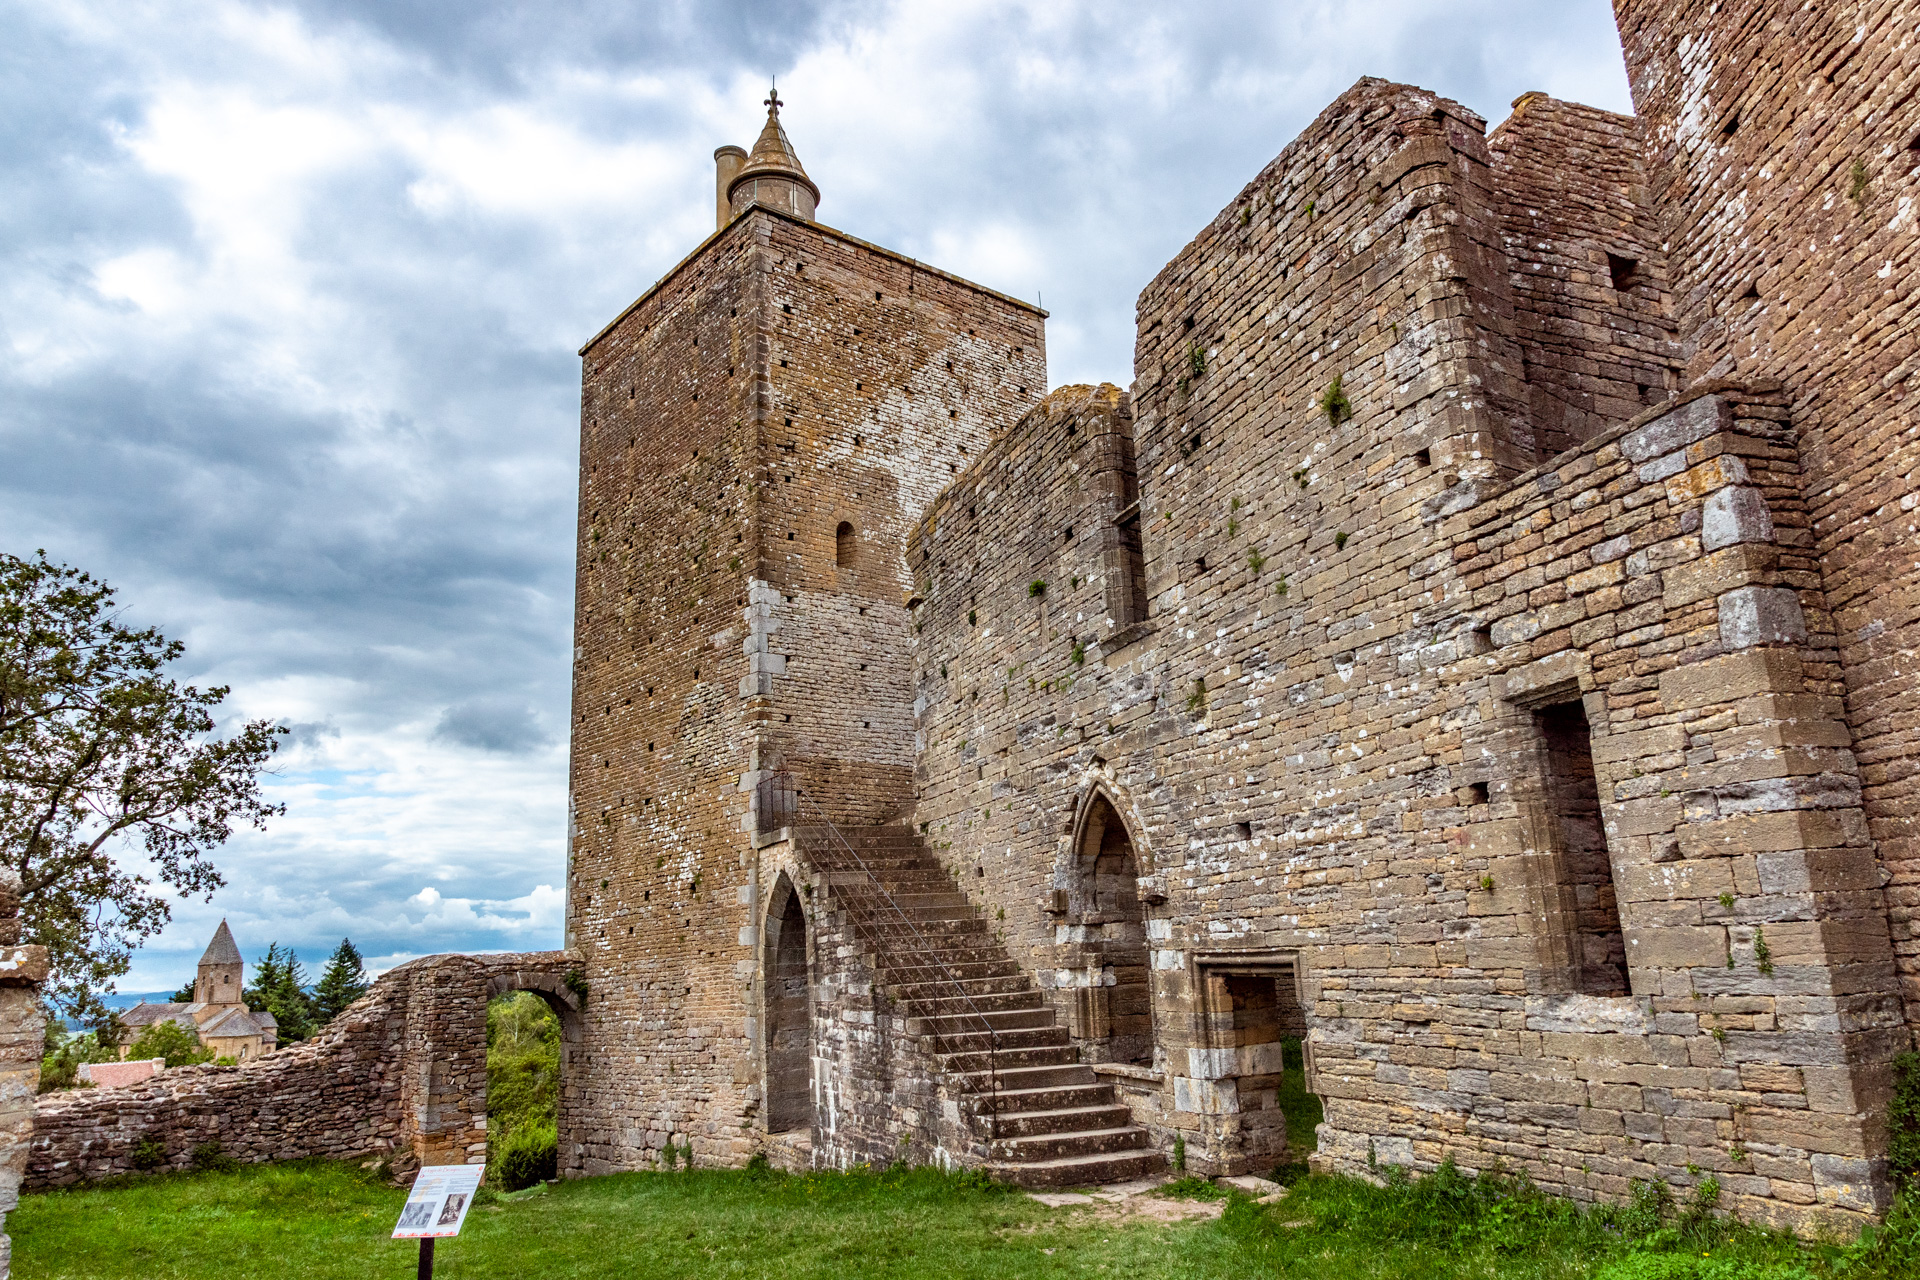 FRANCIA 2021 - Parte 05: Borgogna, i castelli del sud